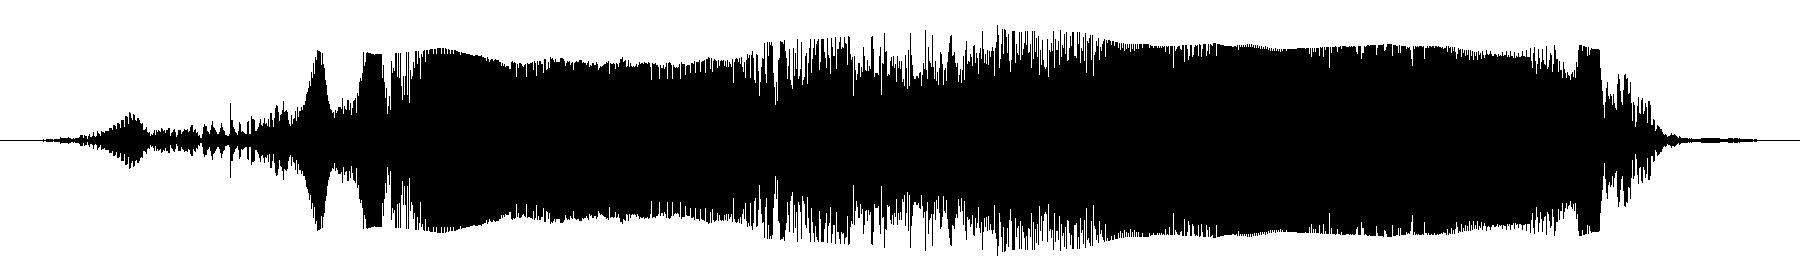 242667 ohuuur wav